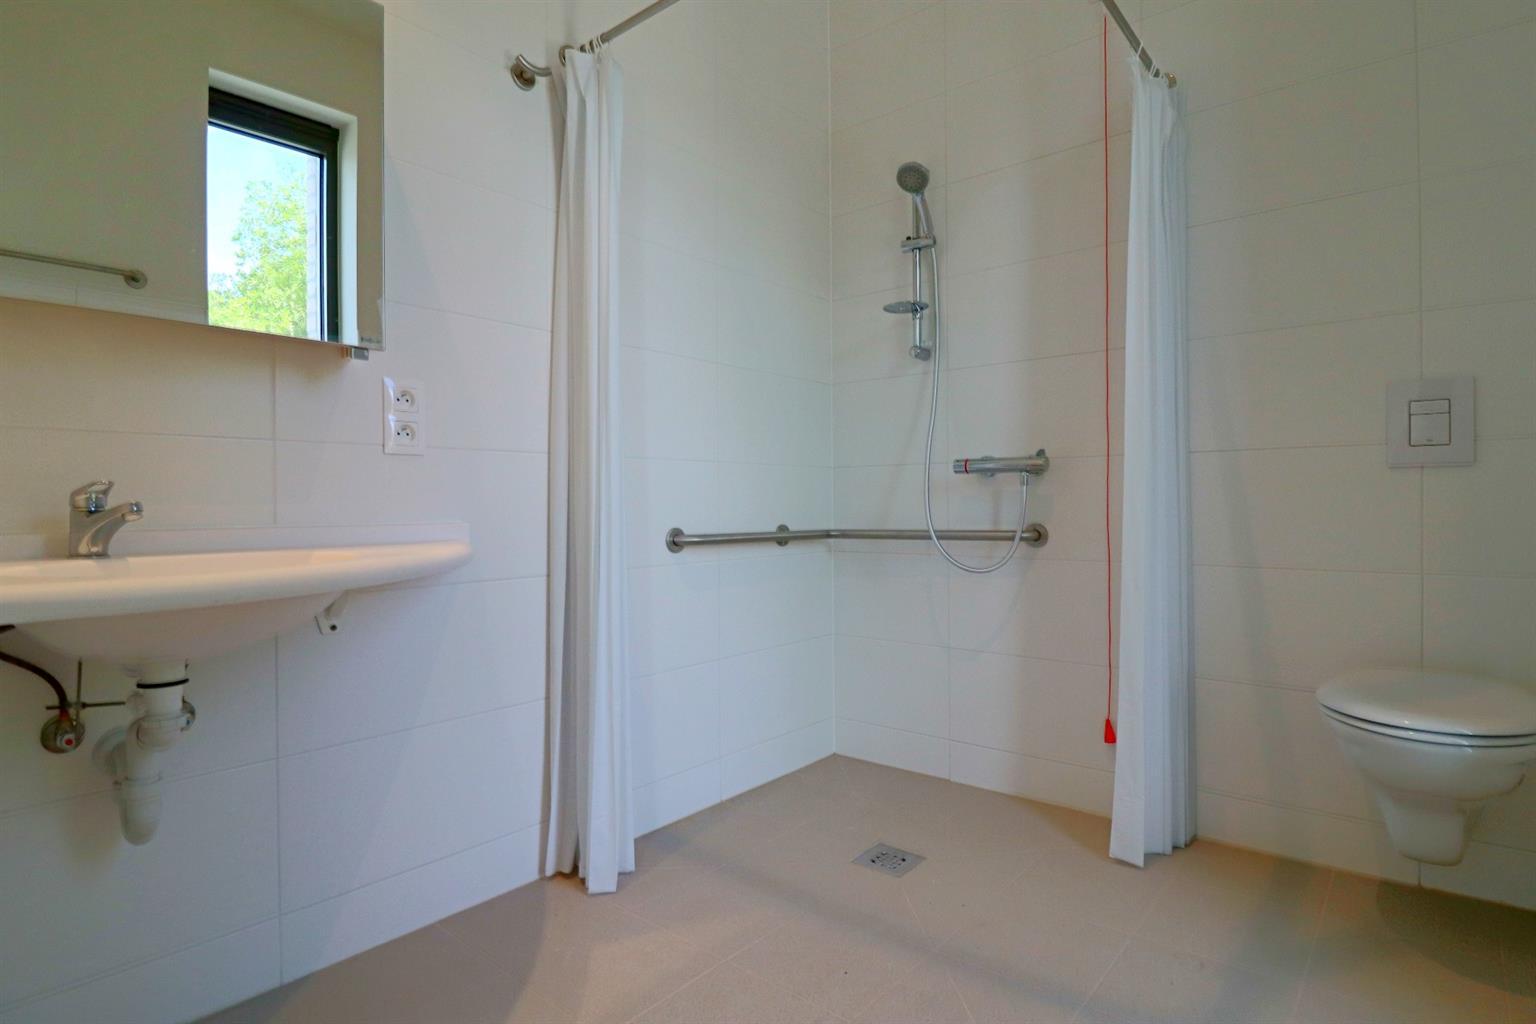 Appartement - Ottignies-Louvain-la-Neuve - #4406884-5